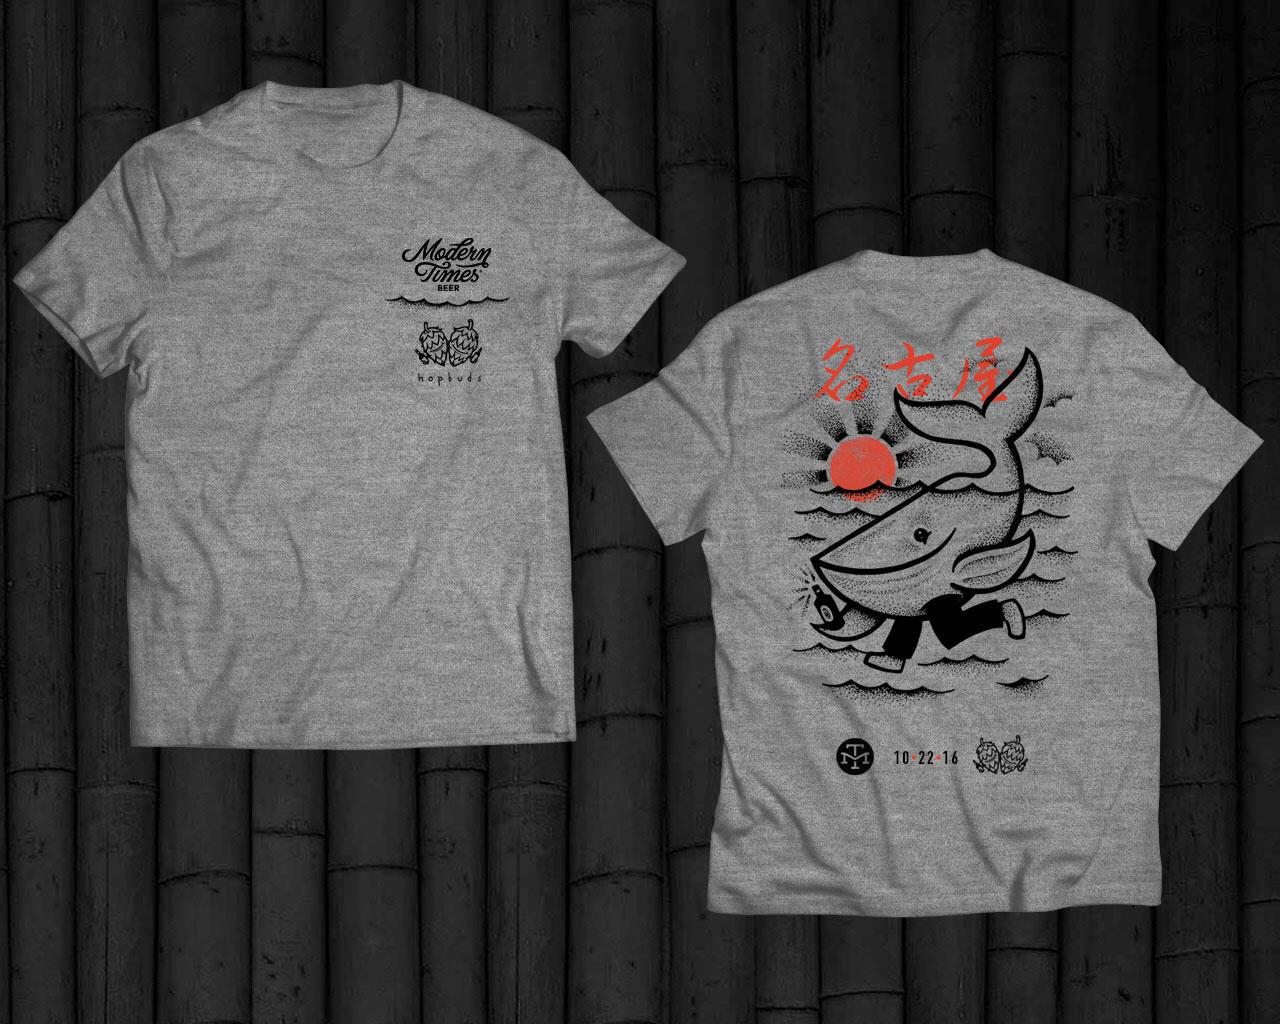 Whale_Shirt-1.jpg